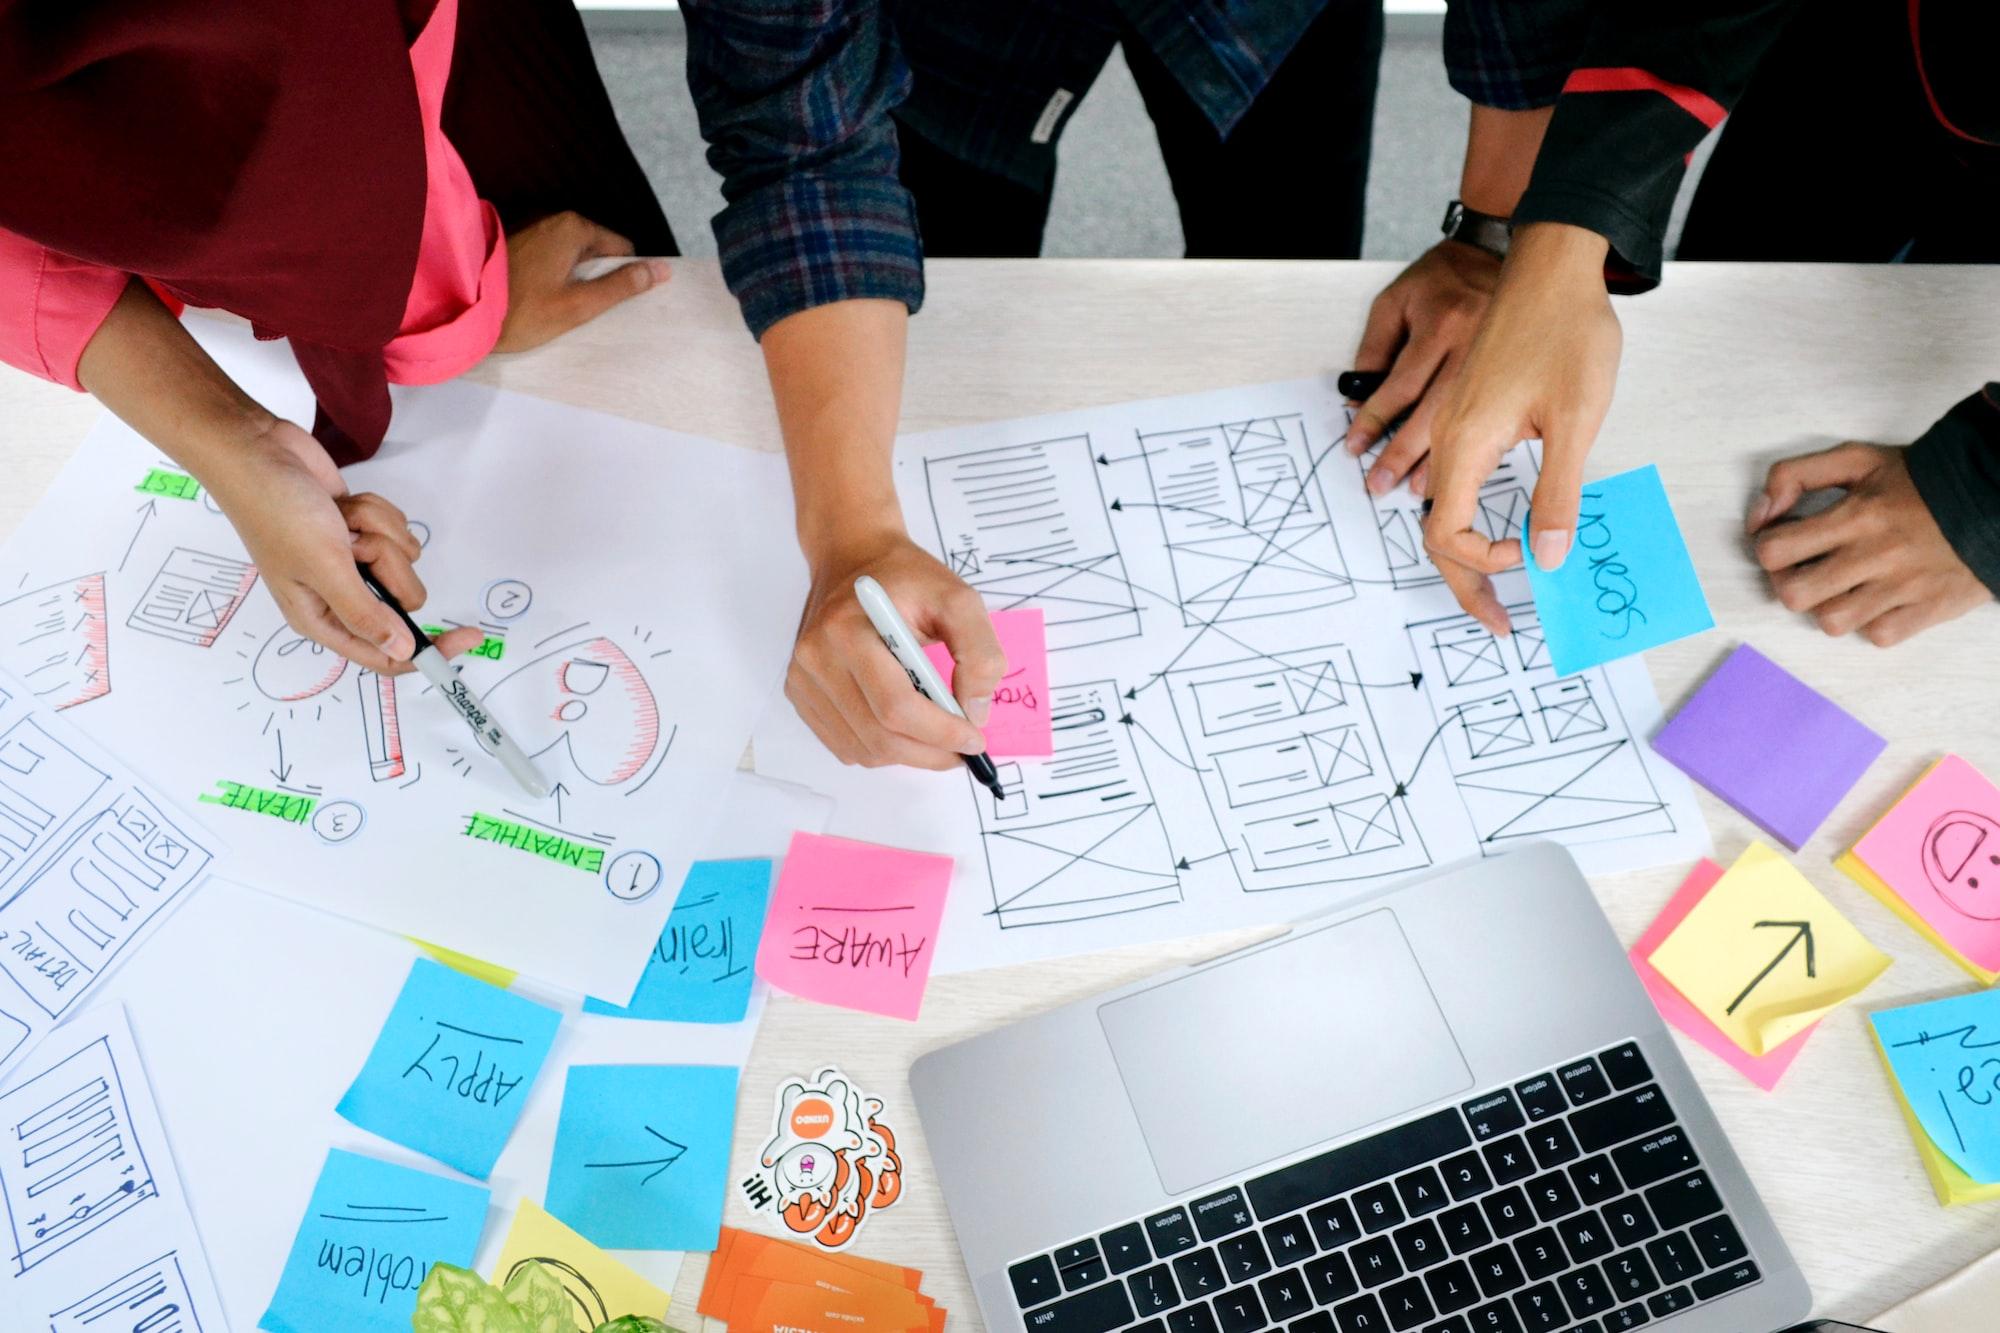 """Consejos para una """"toma de decisiones"""" eficaz en los negocios: habilidades y técnicas del proceso de """"Design Thinking"""""""